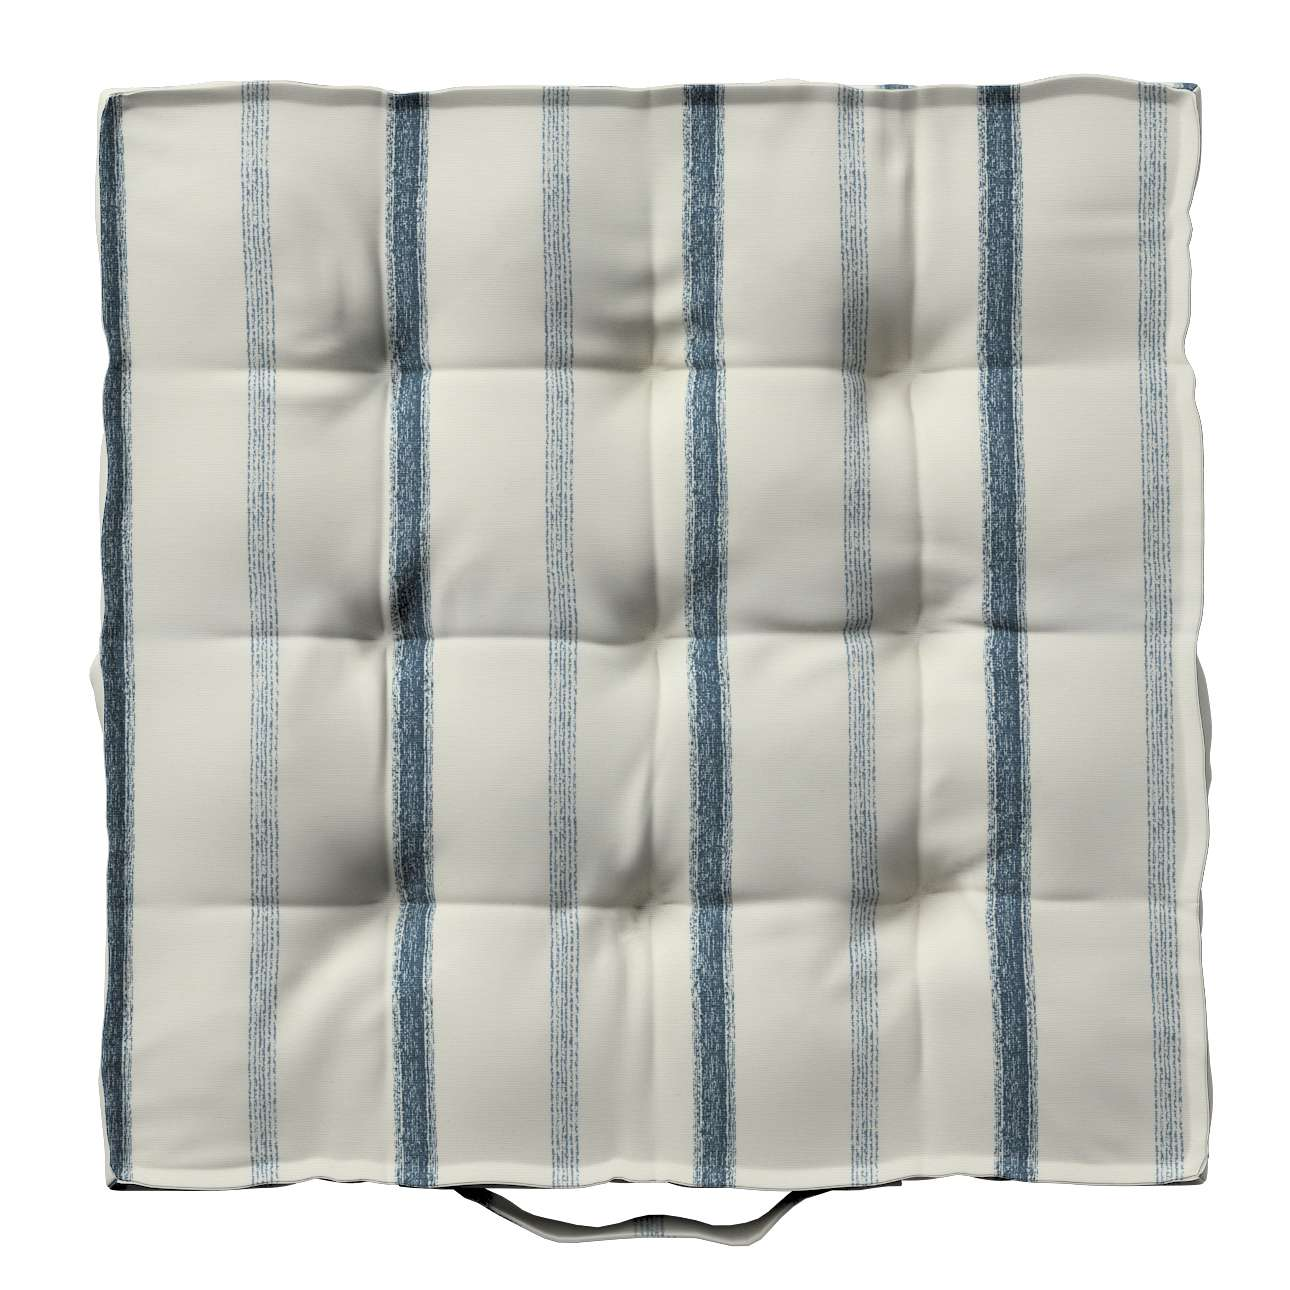 Pagalvėlė Kuba kėdei/ant grindų 40 x 40 x 6 cm kolekcijoje Avinon, audinys: 129-66